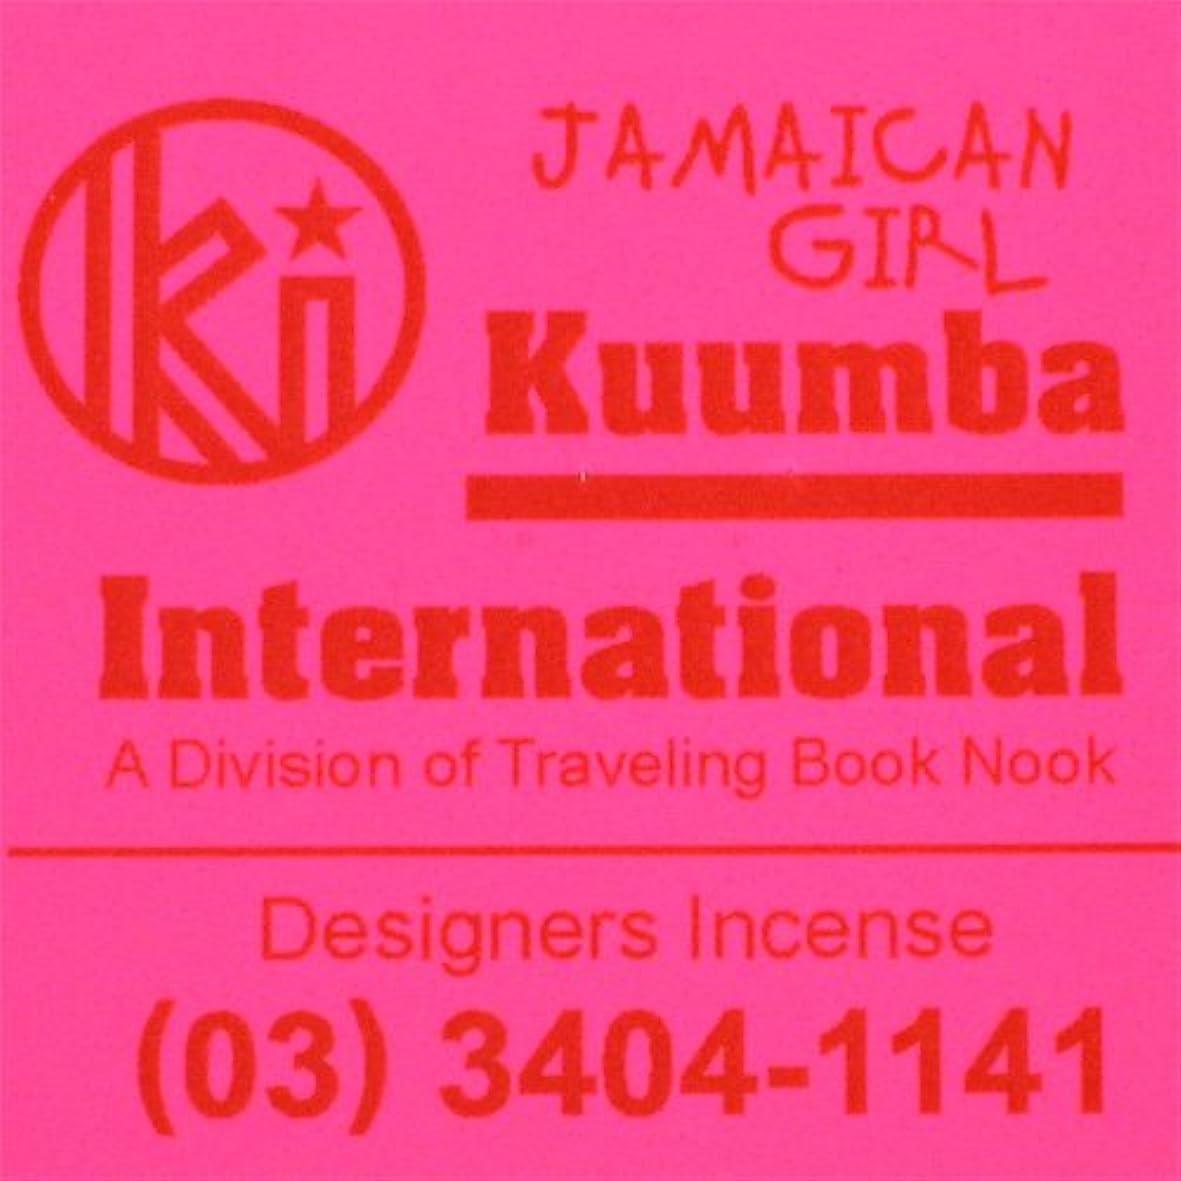 連合遺伝子気候の山KUUMBA / クンバ『incense』(JAMAICAN GIRL) (Regular size)